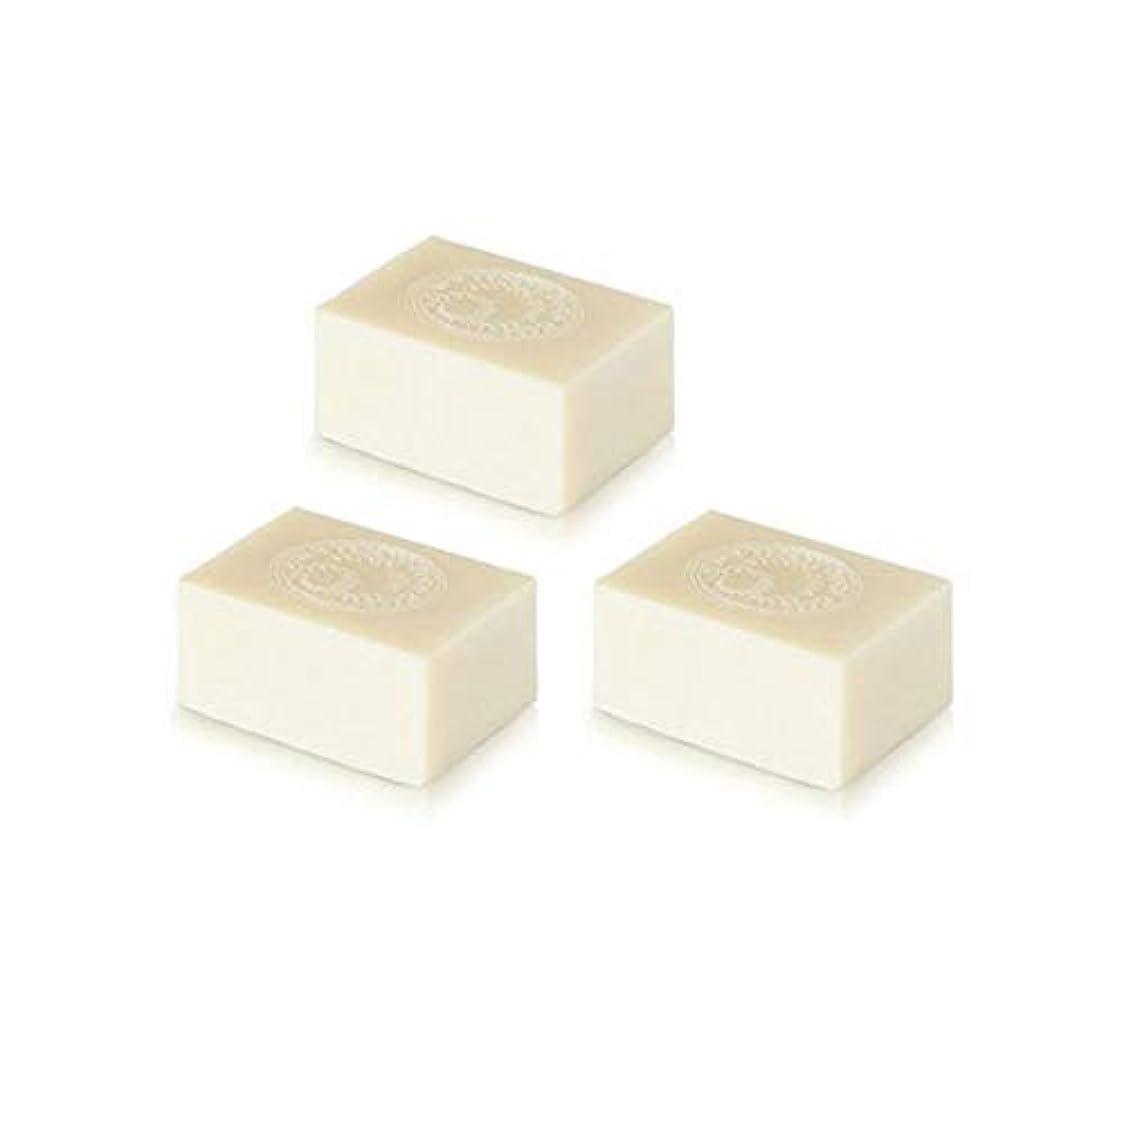 安らぎ問題低いアルガン石鹸3個セット( 145g ×3個) アルガンオイルの完全無添加石鹸